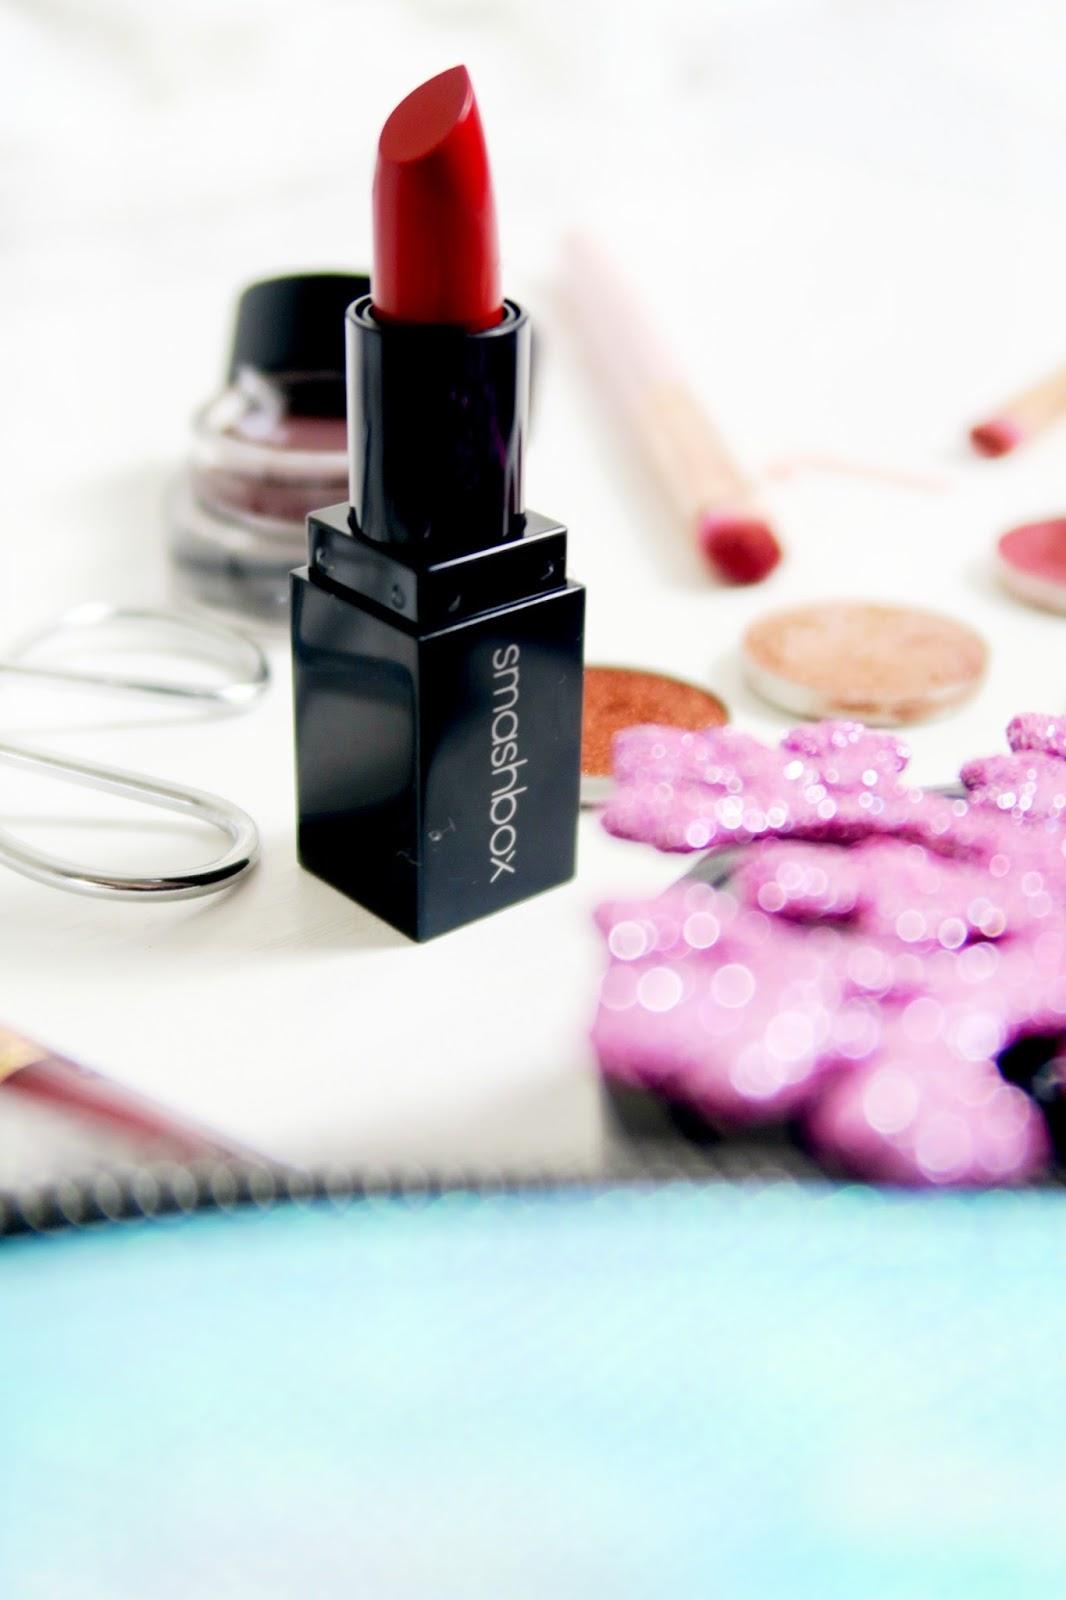 an image of winter make-up inside make-up bag